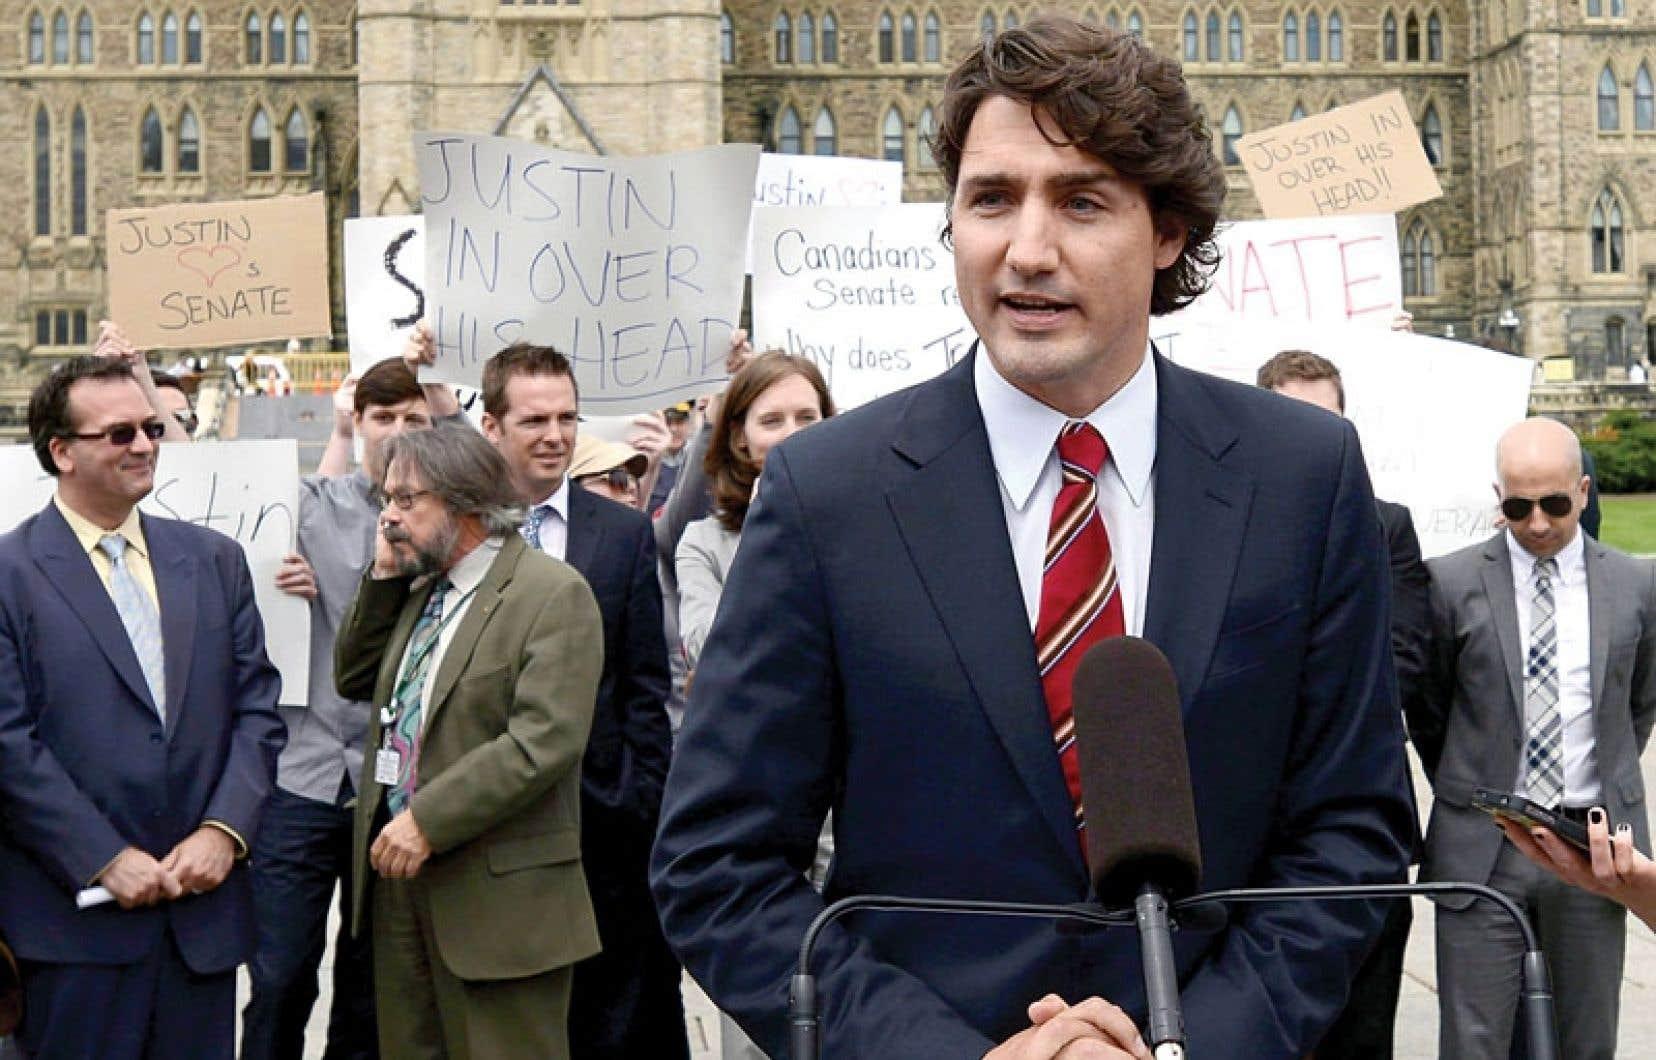 Début juin, une poignée de manifestants avaient subitement pris d'assaut une conférence de presse de Justin Trudeau. Leurs pancartes reprenaient les slogans mis de l'avant par le Parti conservateur dans sa campagne de publicités négatives lancée contre le chef libéral.